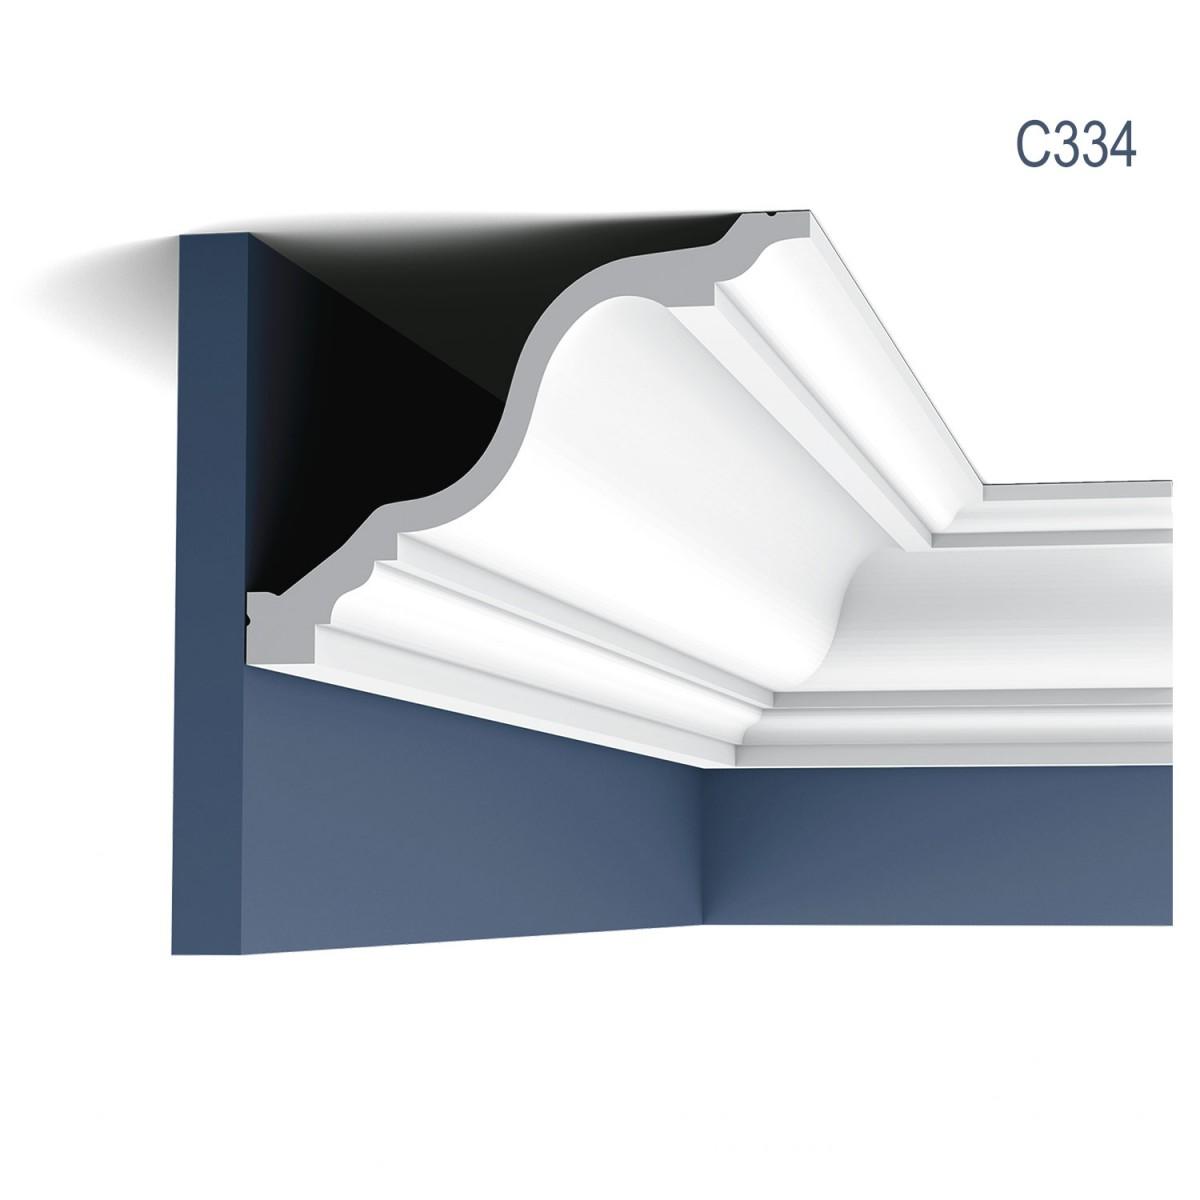 Cornisa Luxxus C334, Dimensiuni: 200 X 15 X 19.6 cm, Orac Decor